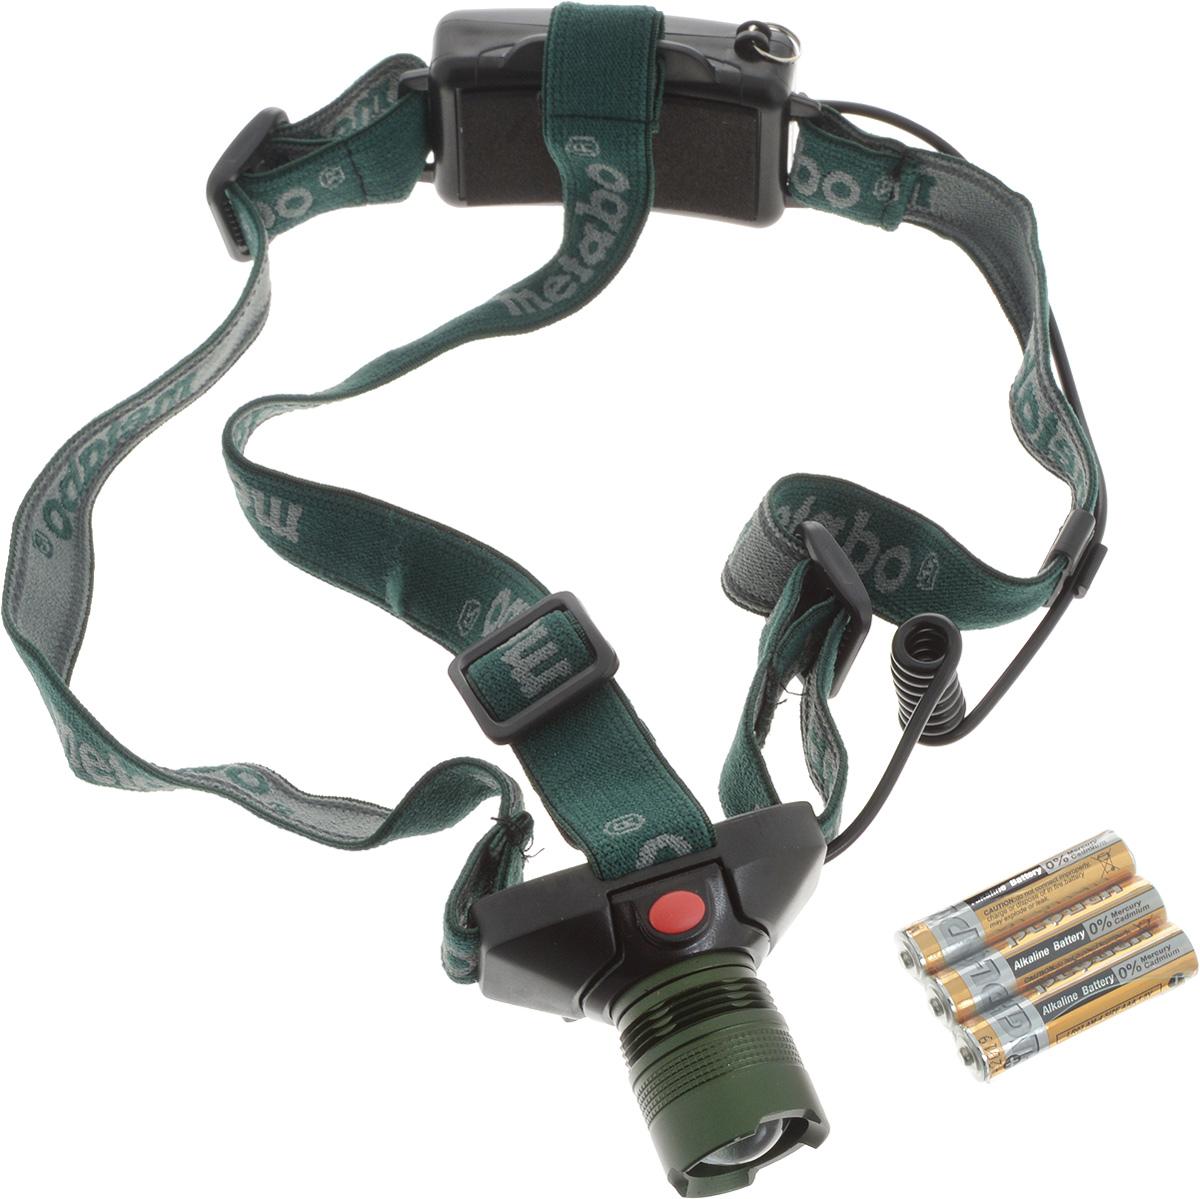 Фонарик Metabo налобный, светодиодный657003000Светодиодный фонарик Metabo - это удобный карманный фонарик, который можно брать с собой в дорогу или на отдых. Имеется ремешок, который позволяет носить фонарик на лбу. Работает от батареек типа ААА (входят в комплект), которые обеспечивают 300 минут непрерывной работы. Изделие светит при помощи сверхъяркого светодиода. Фонарик не займет много места, но всегда выручит вас даже в самой безвыходной ситуации, когда за окном уже темно. Максимальный световой поток: 160 люмен. Дальность освещения: 150 м. Длительность свечения (при работе от батареи типа ААА): 300 мин (5 часов). Размеры фонарика: 6 х 5 х 3,5 см.